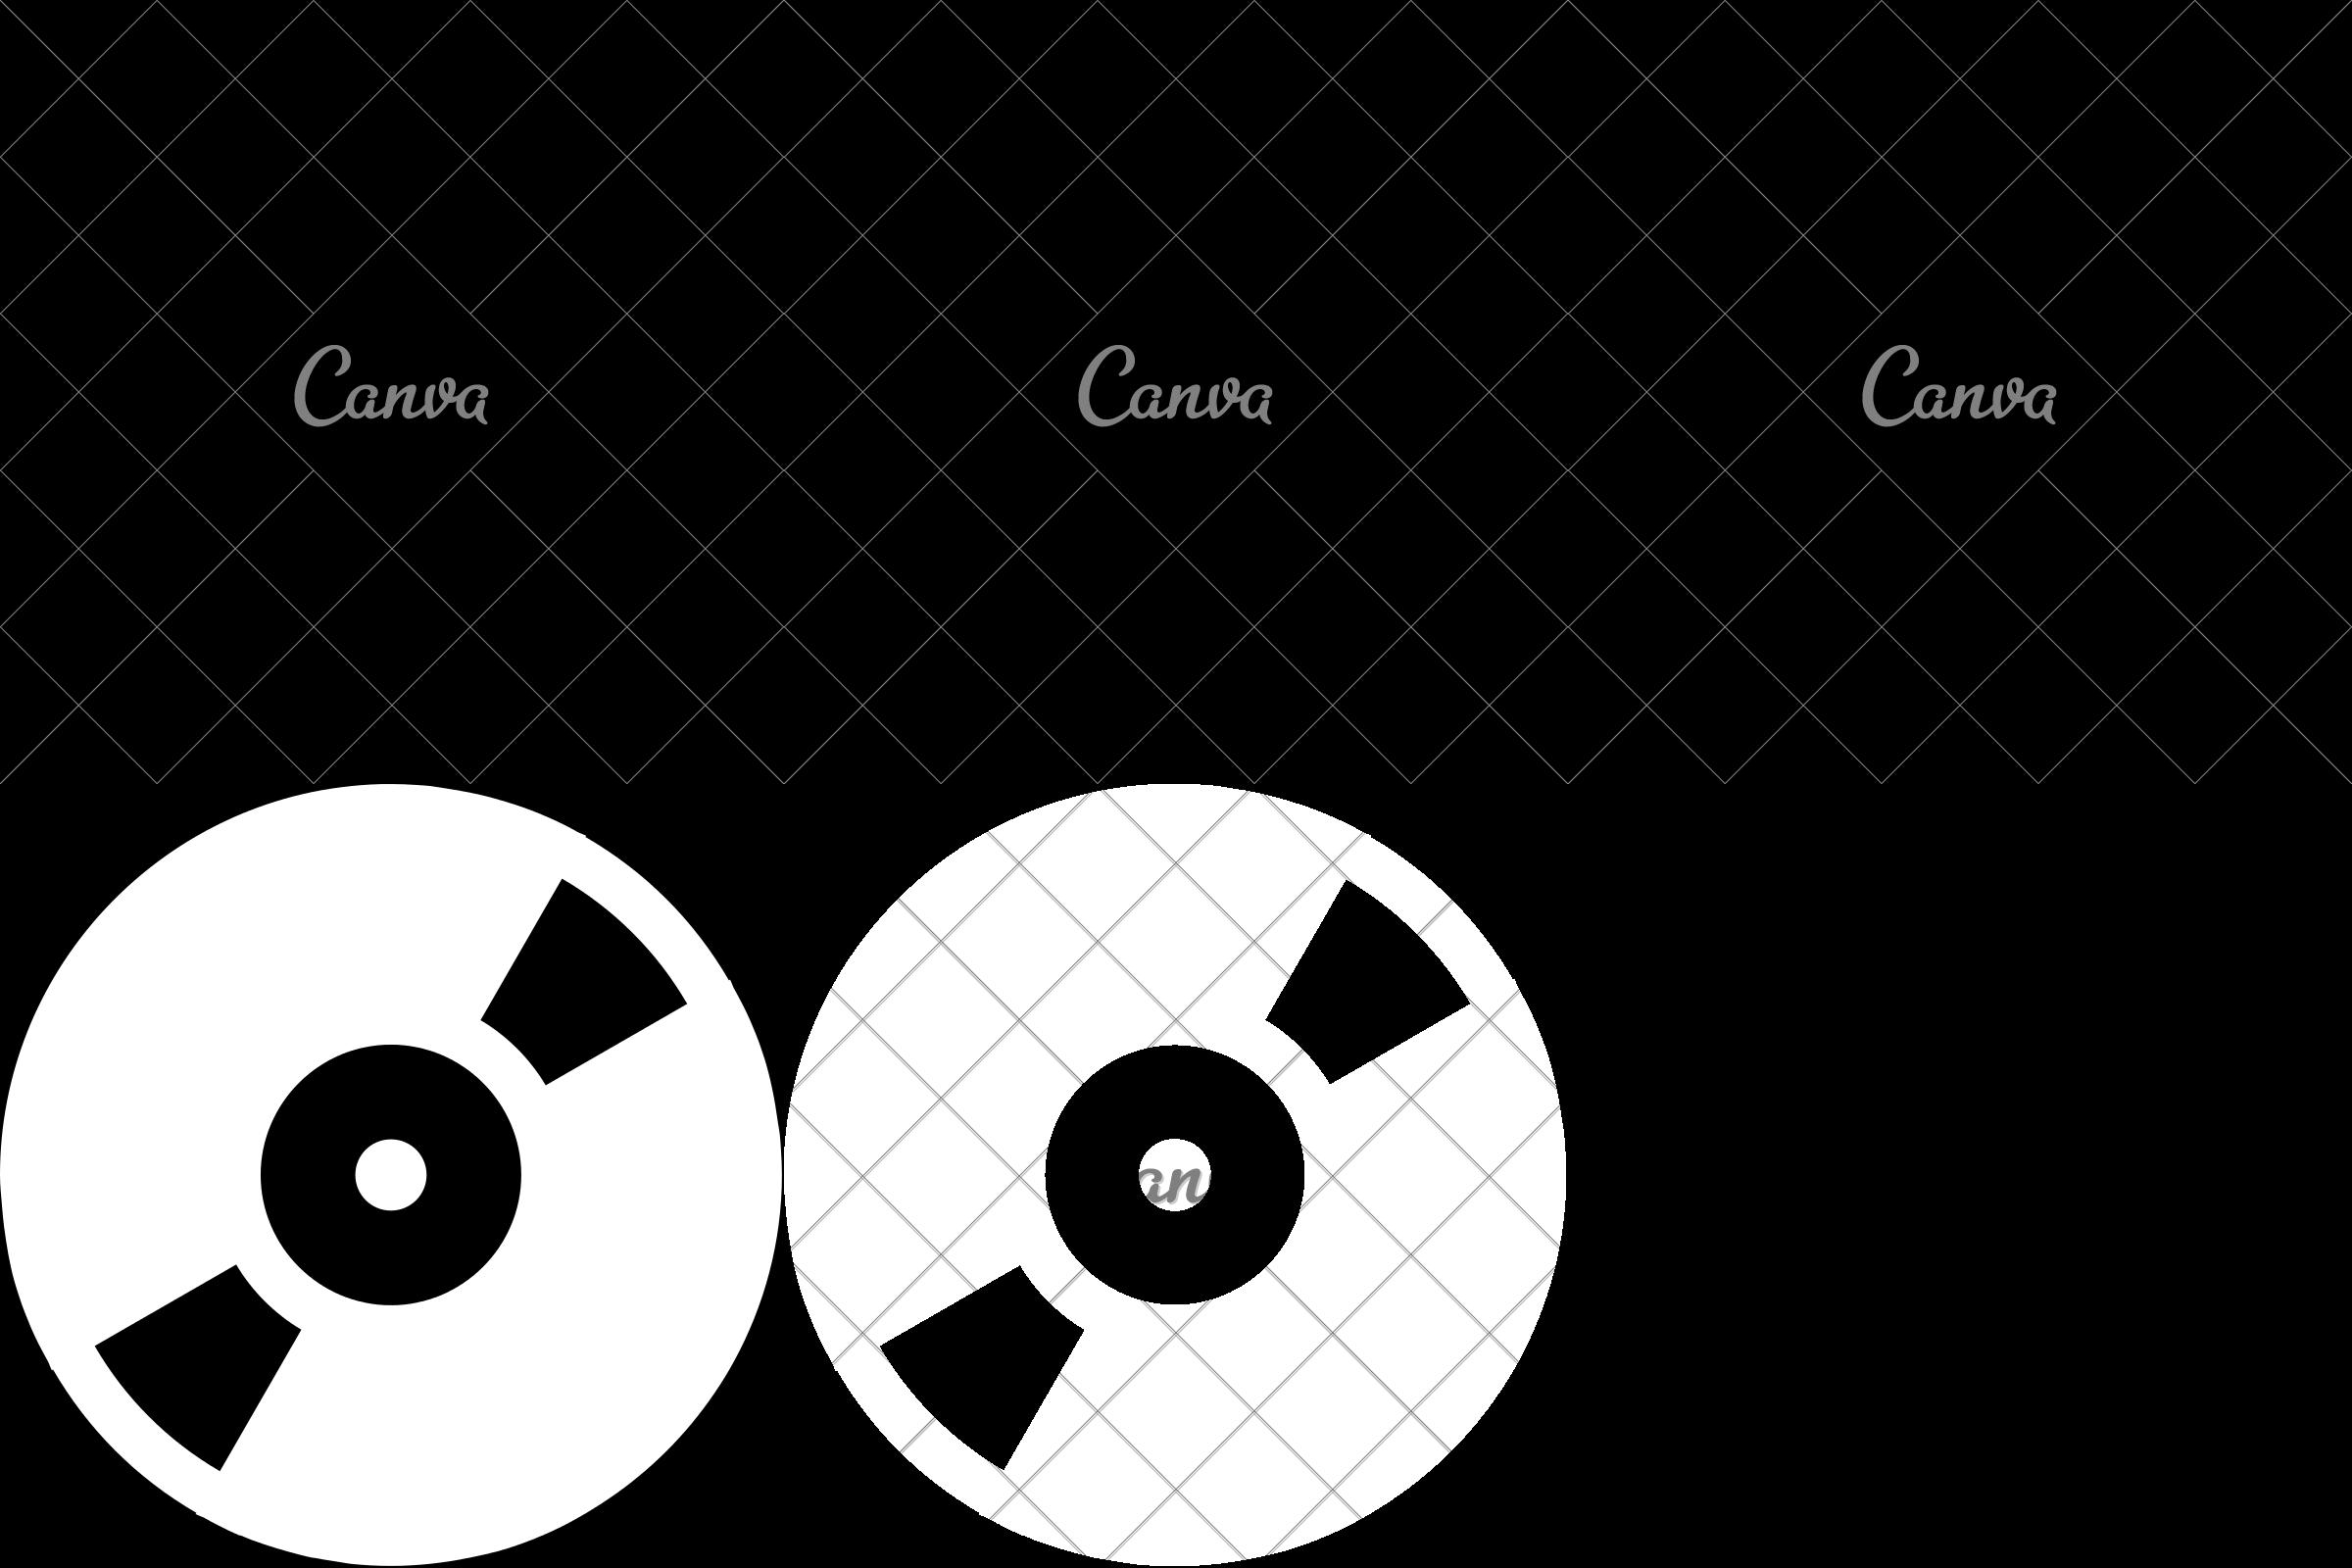 2400x1600 Film Reel Vector Illustration